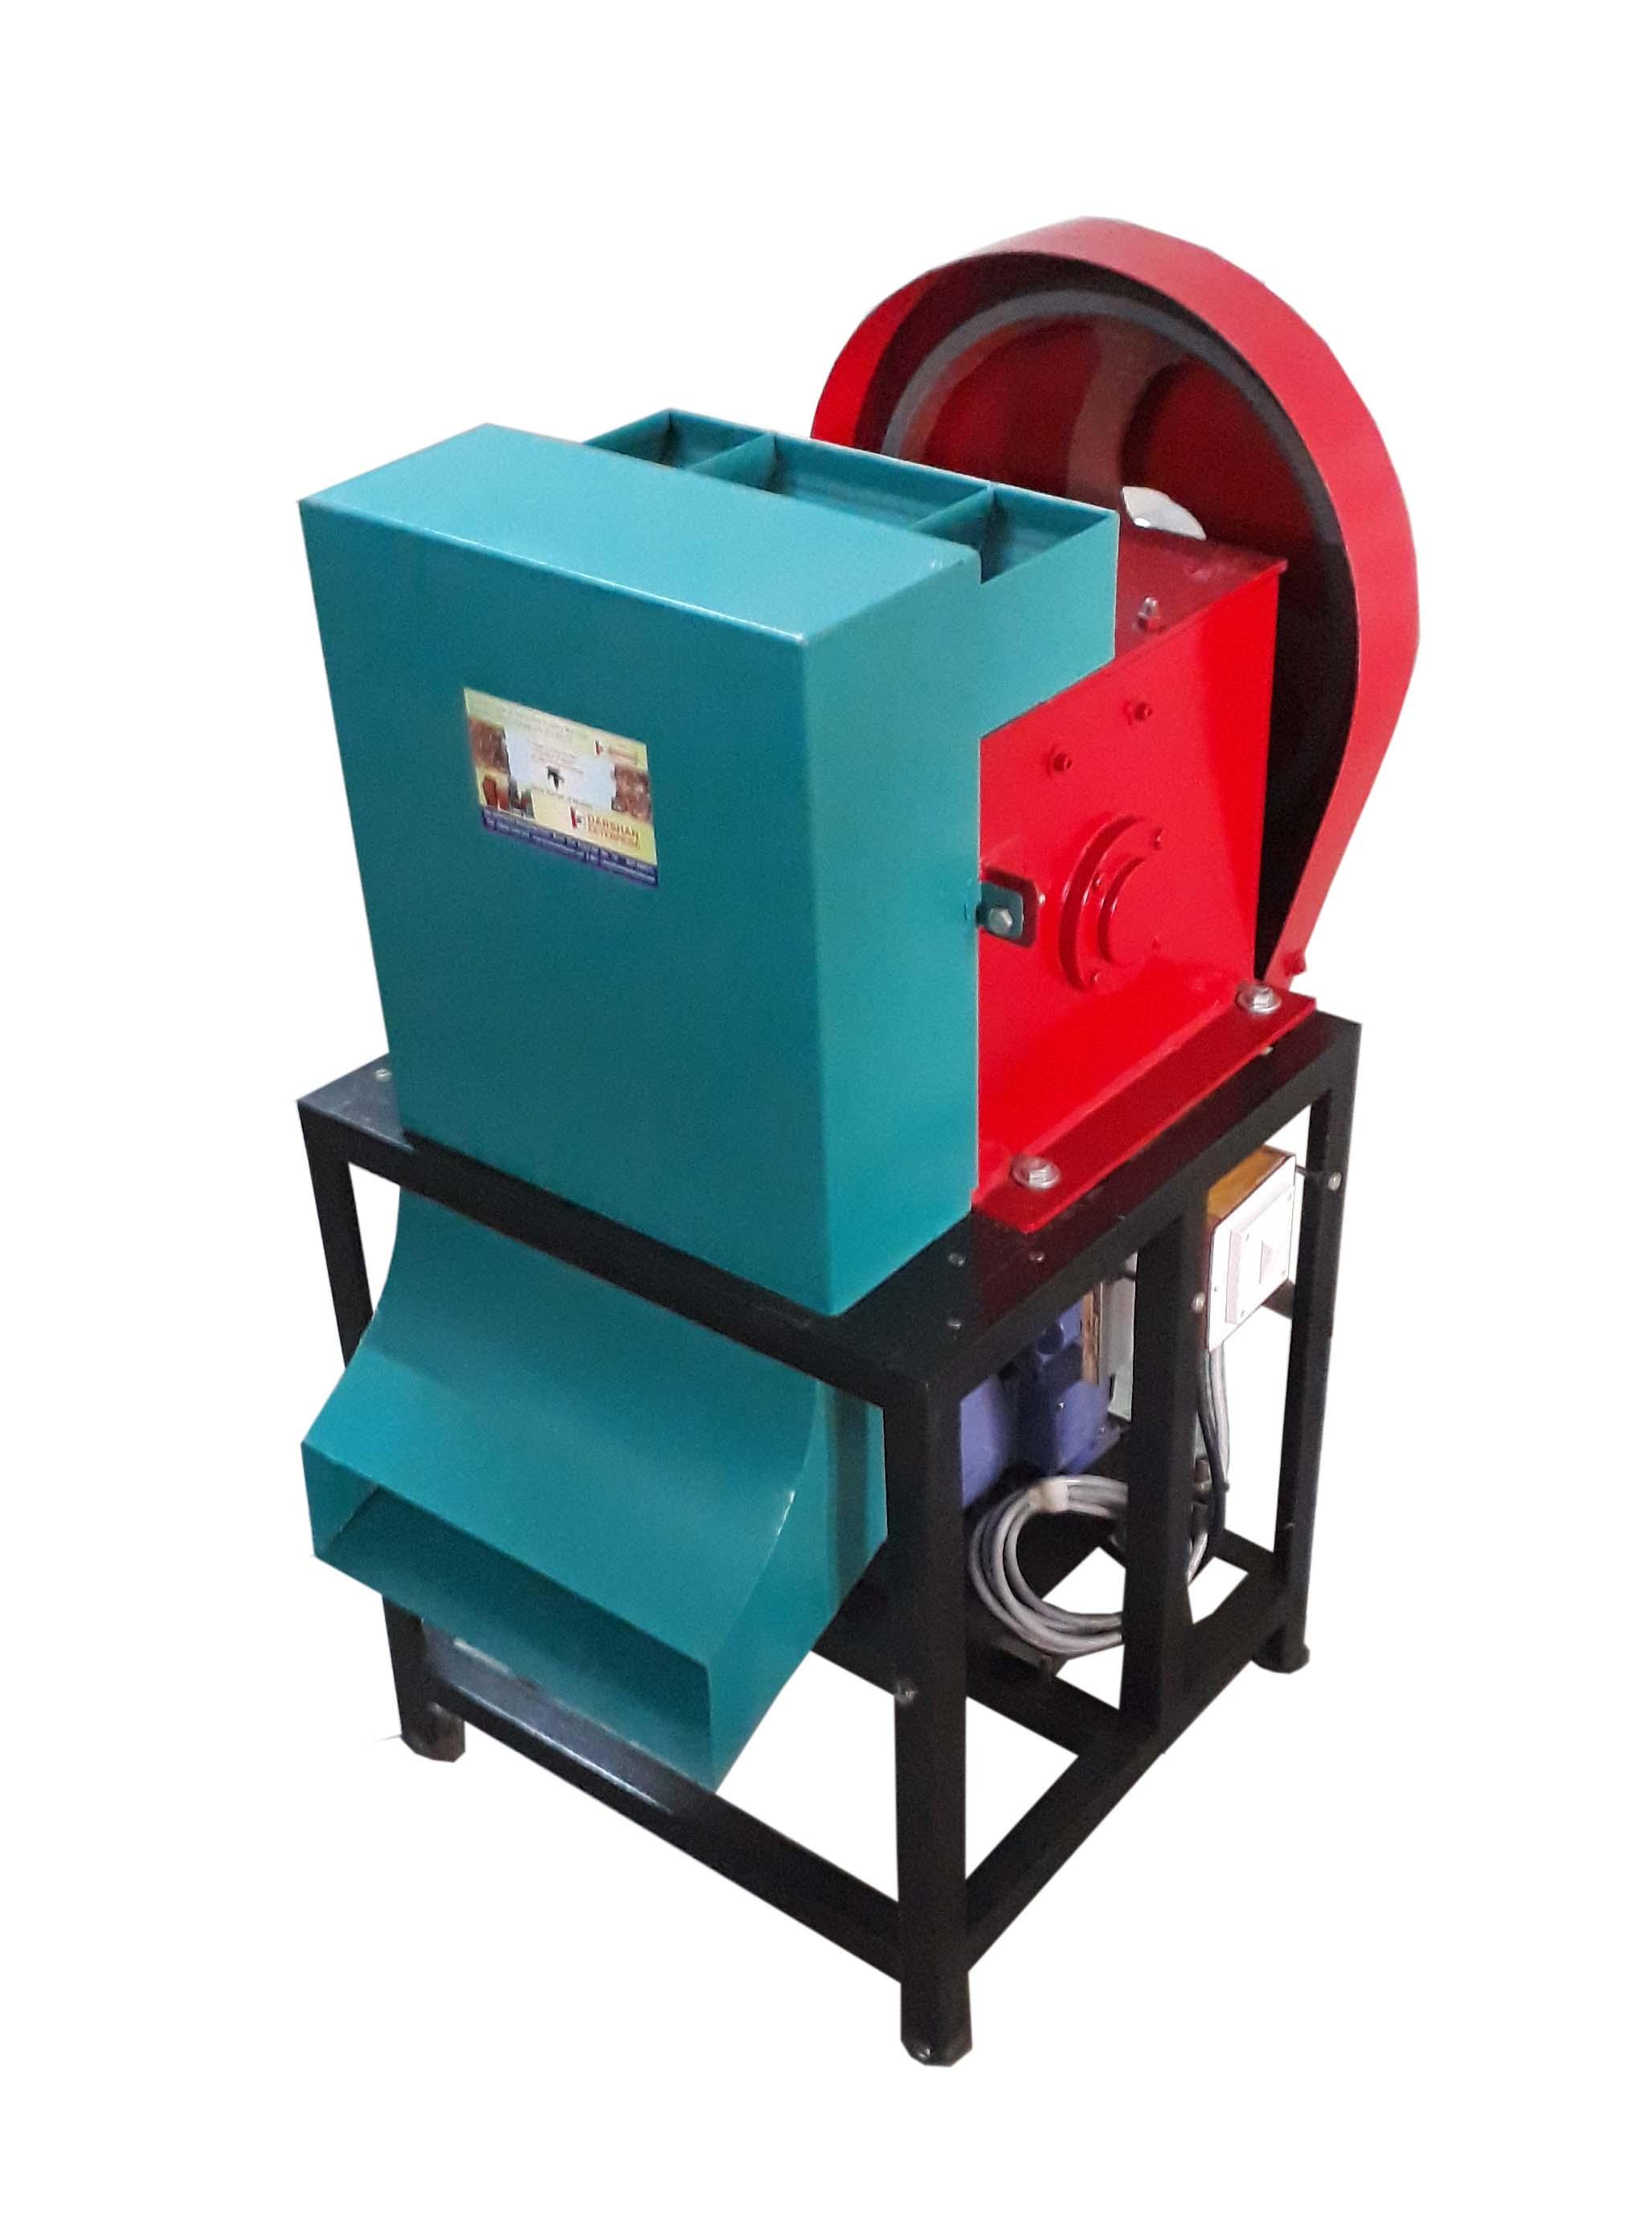 Automatic Double Suapri circul cutting Machine